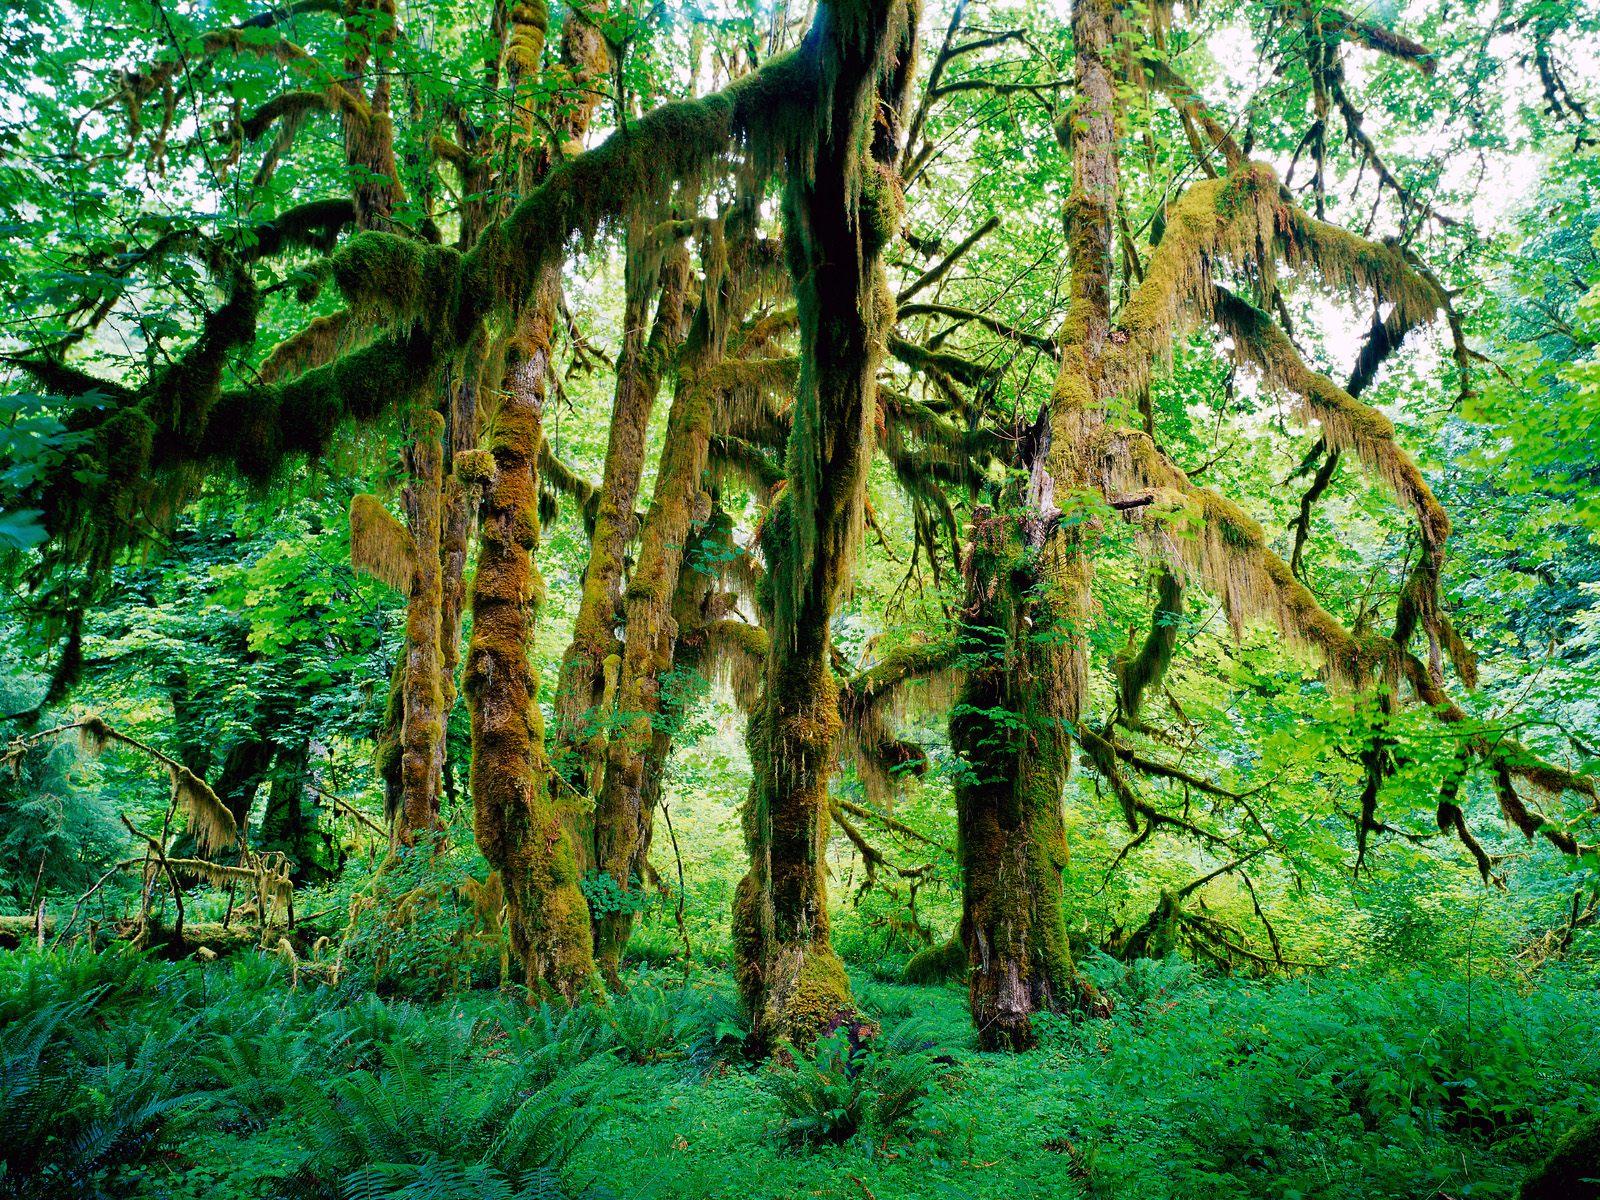 树木植物(超宽幅超精美) - 绿海浪涛 - 绿海浪涛